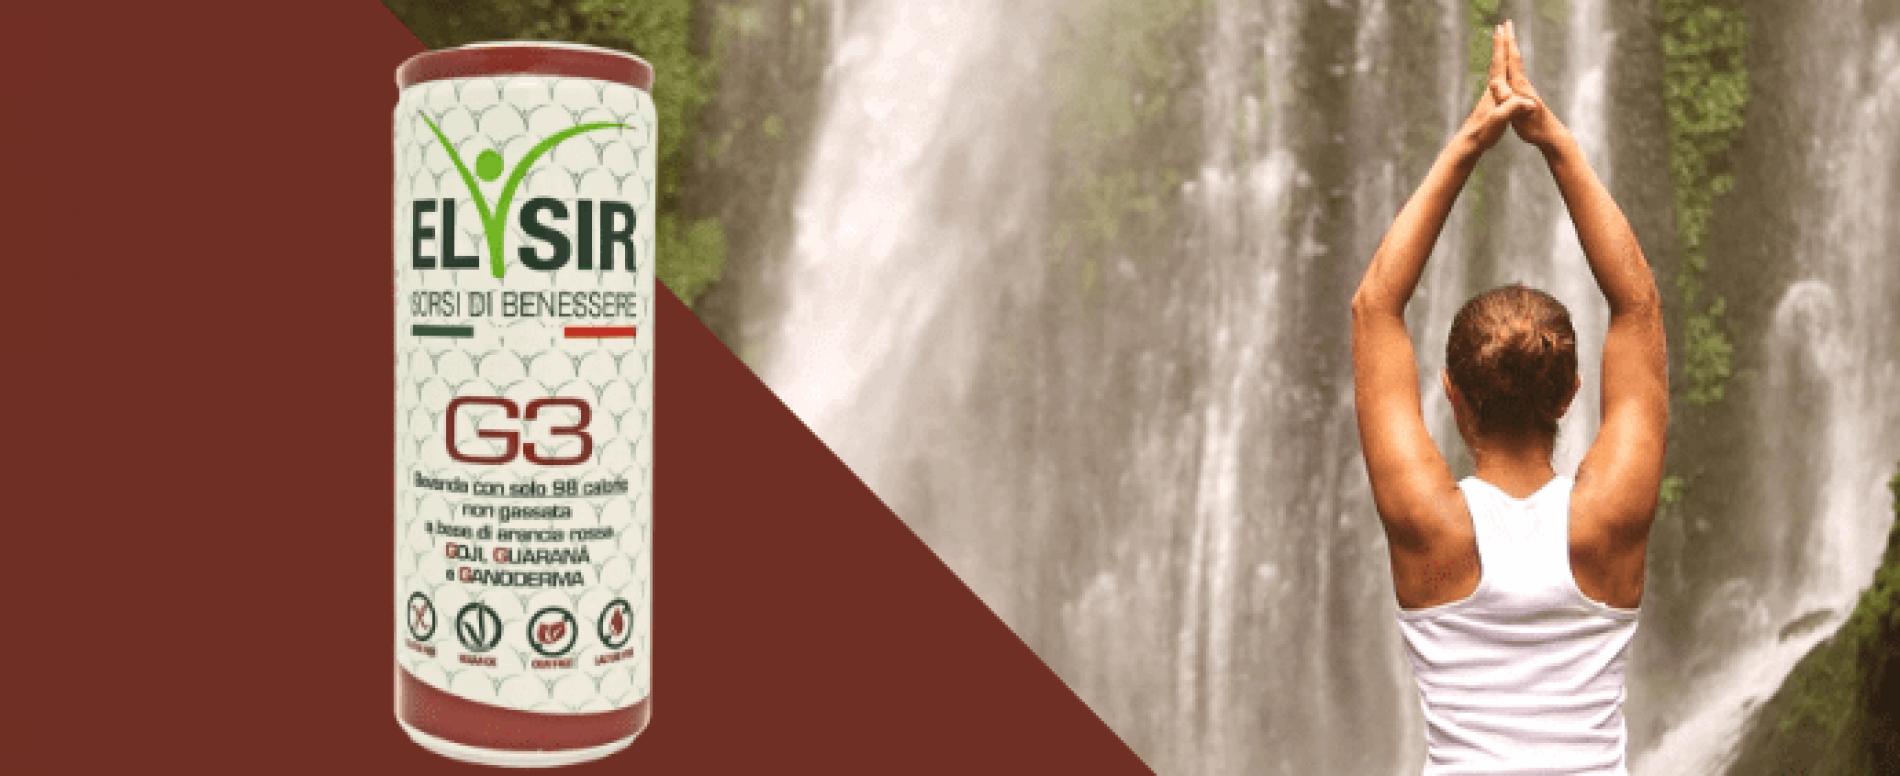 Elisir Super Drink G3: gusto e benessere ogni giorno